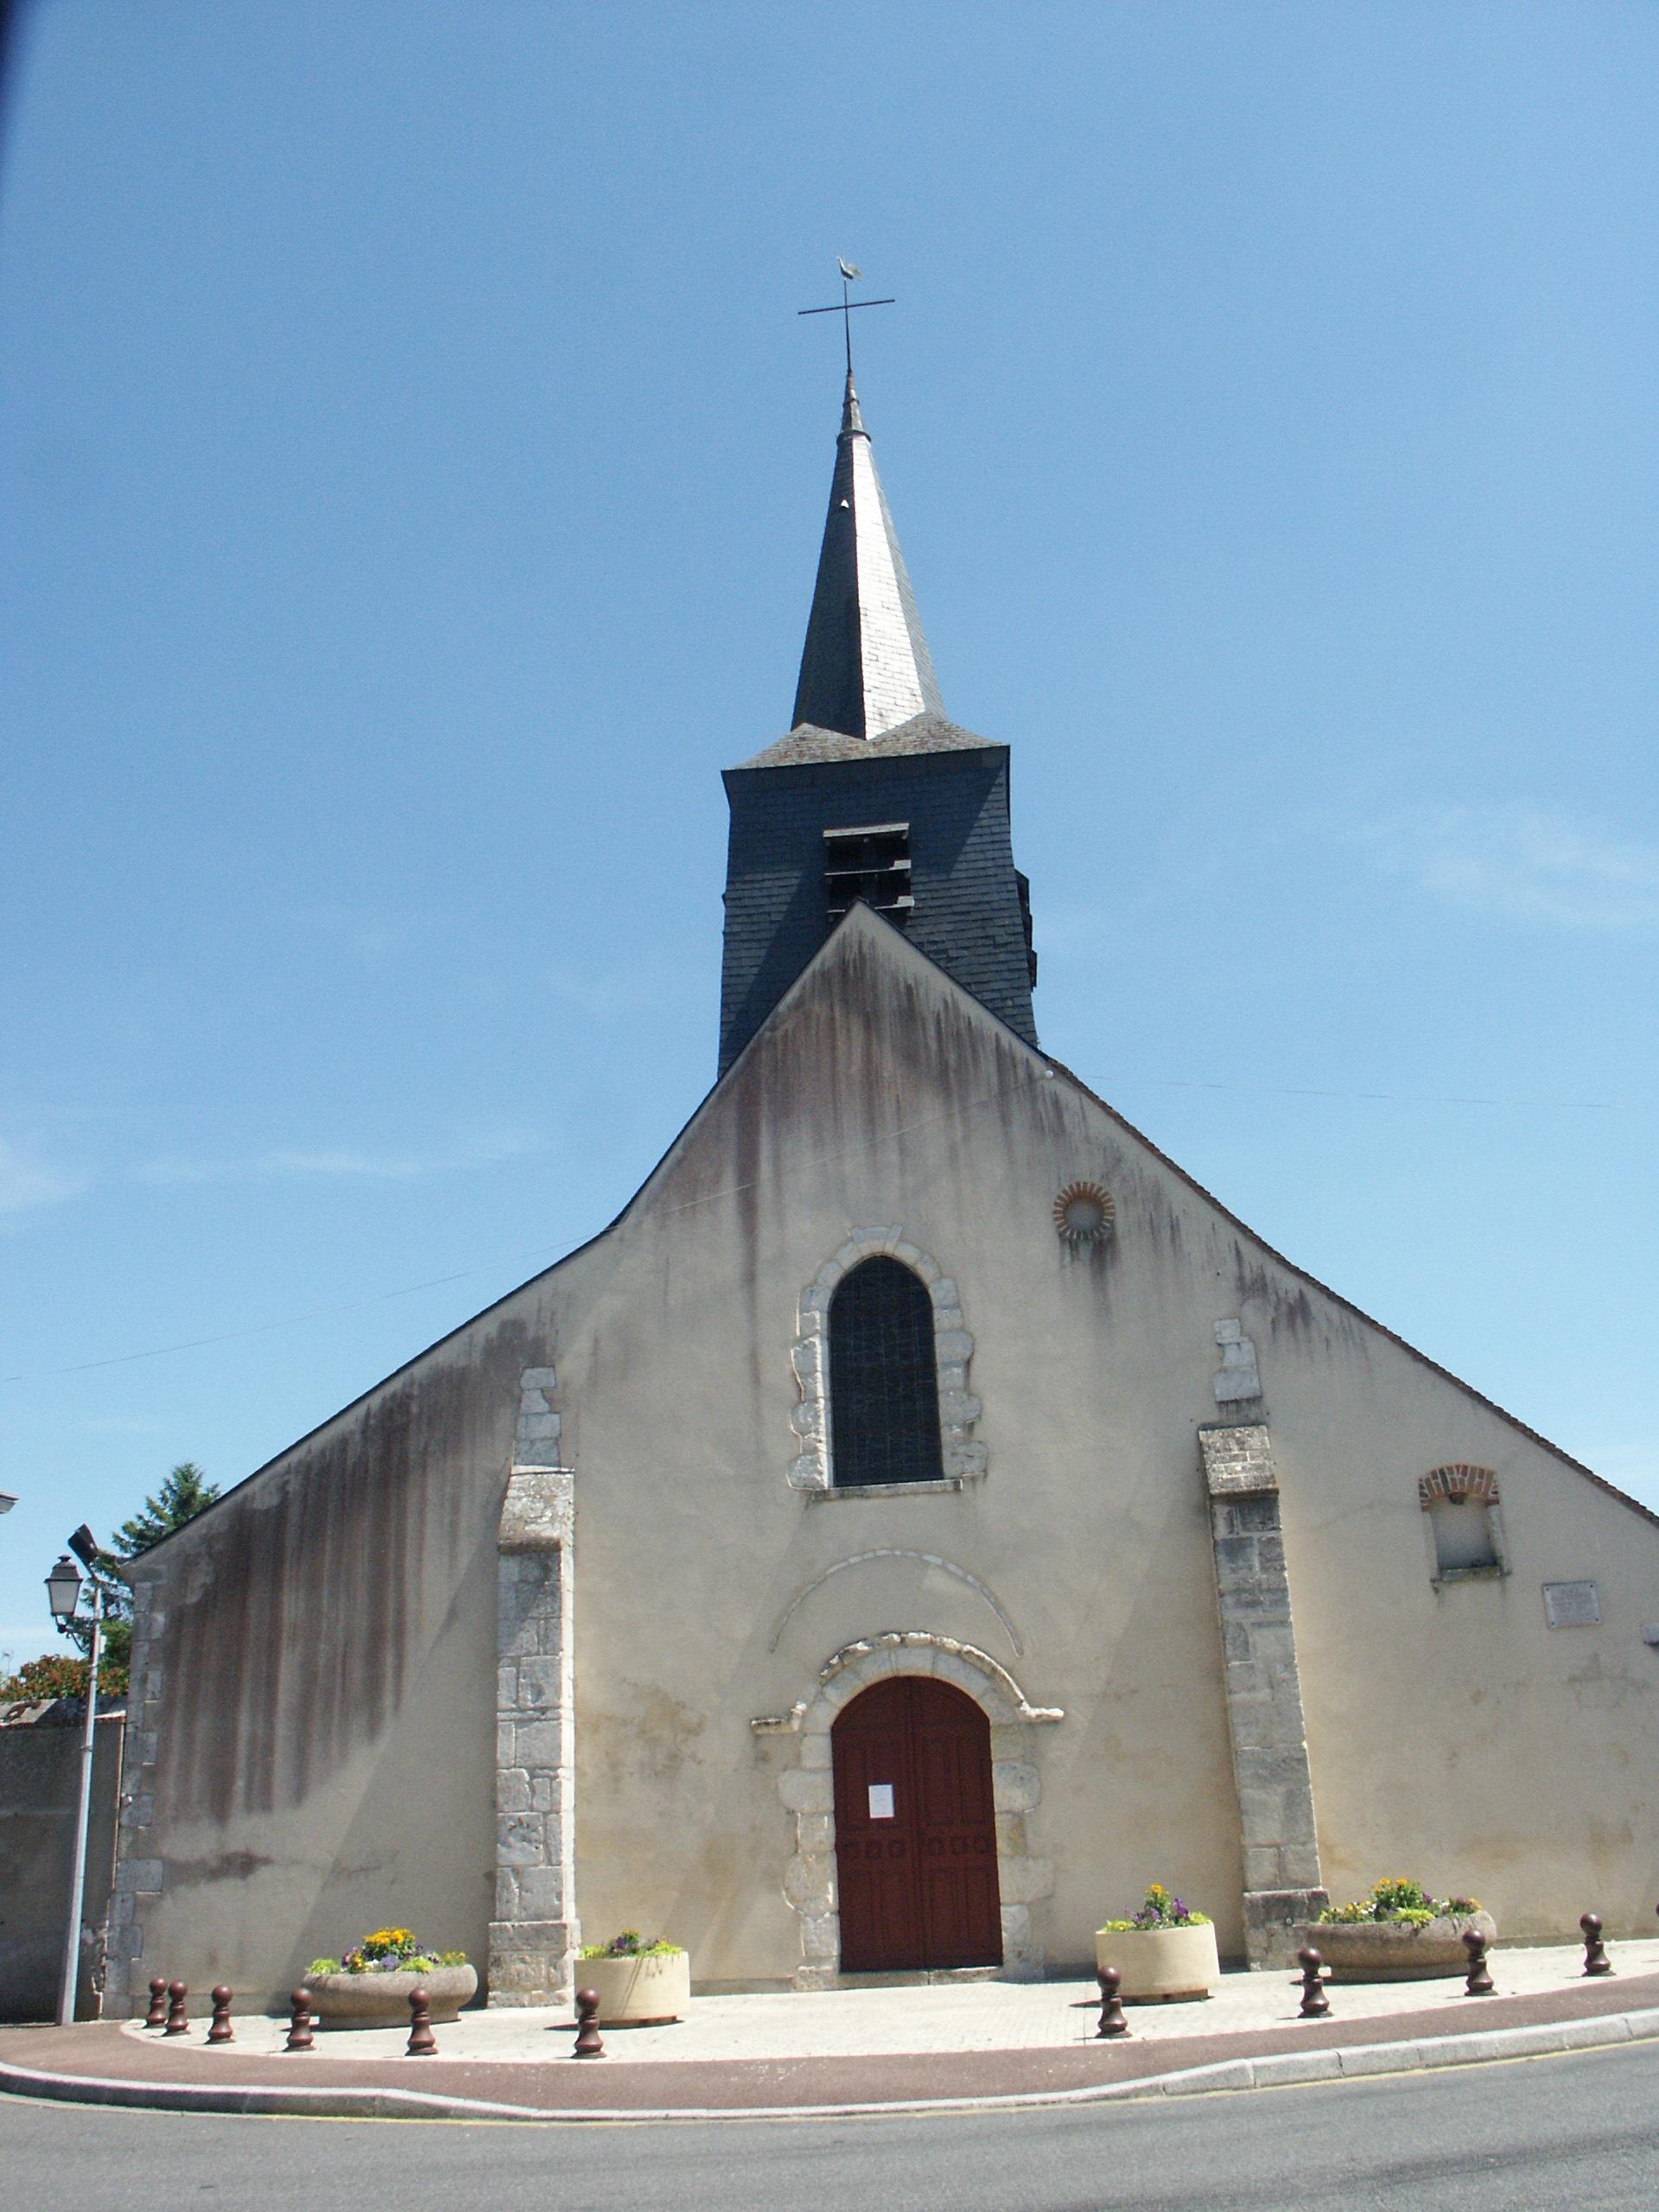 Eglise Varennes-Changy